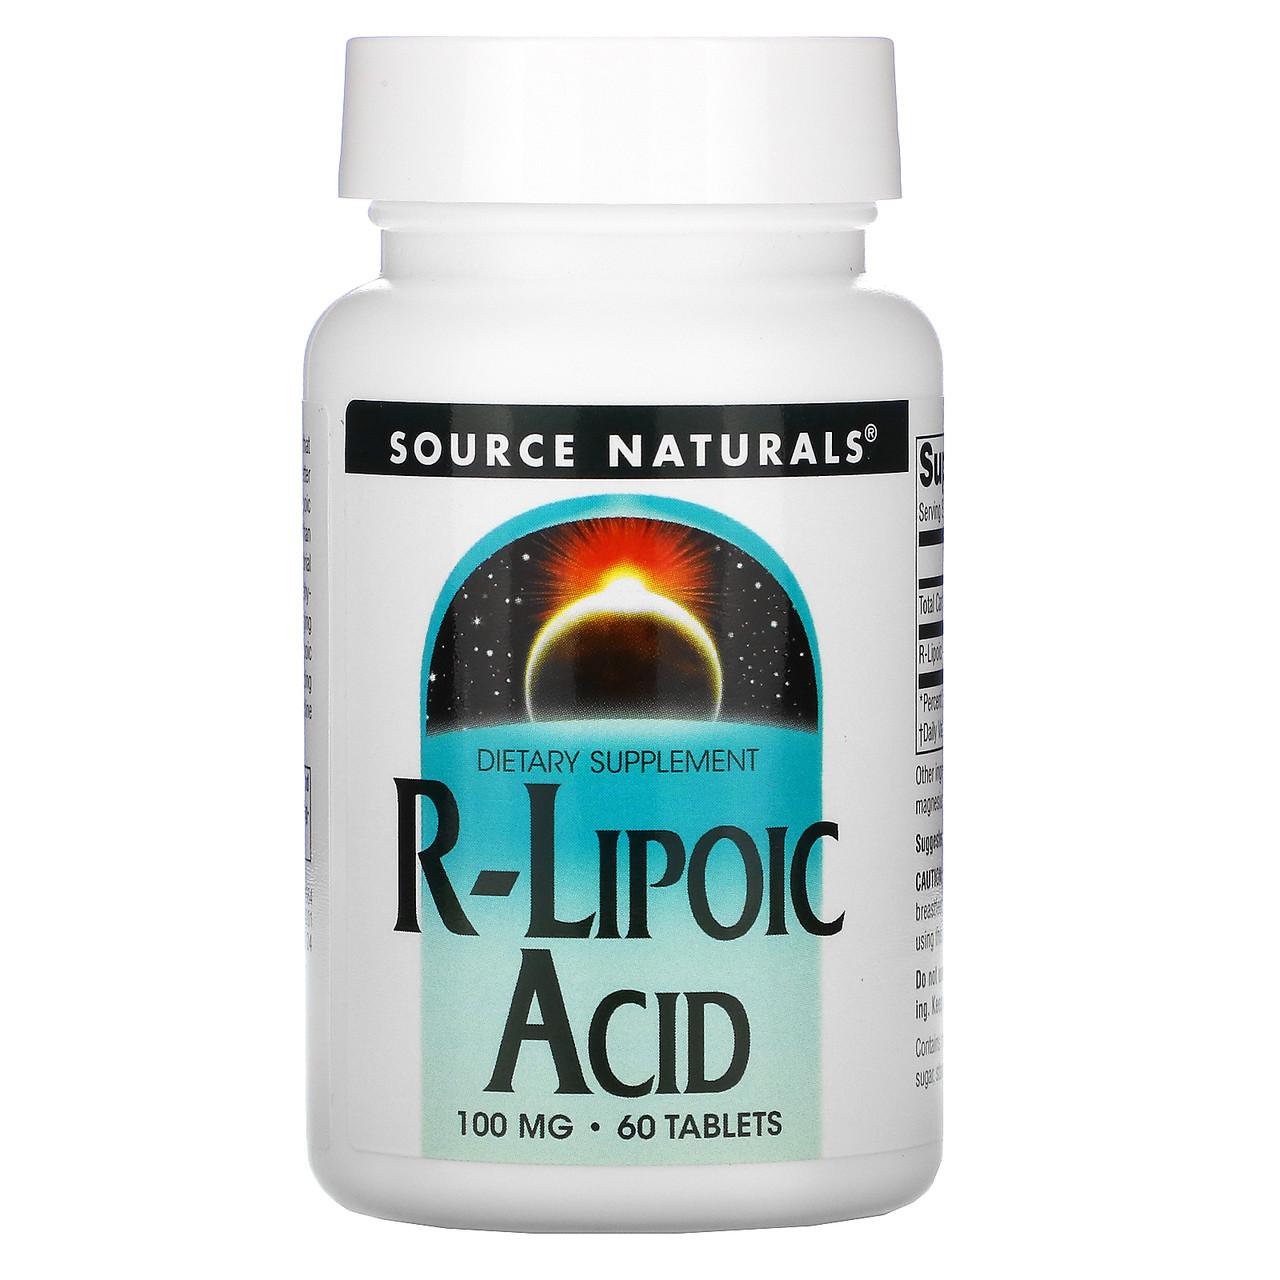 R ліпоєва кислота, R-Lipoic Acid, Source Naturals, 100 мг, 60 таб.